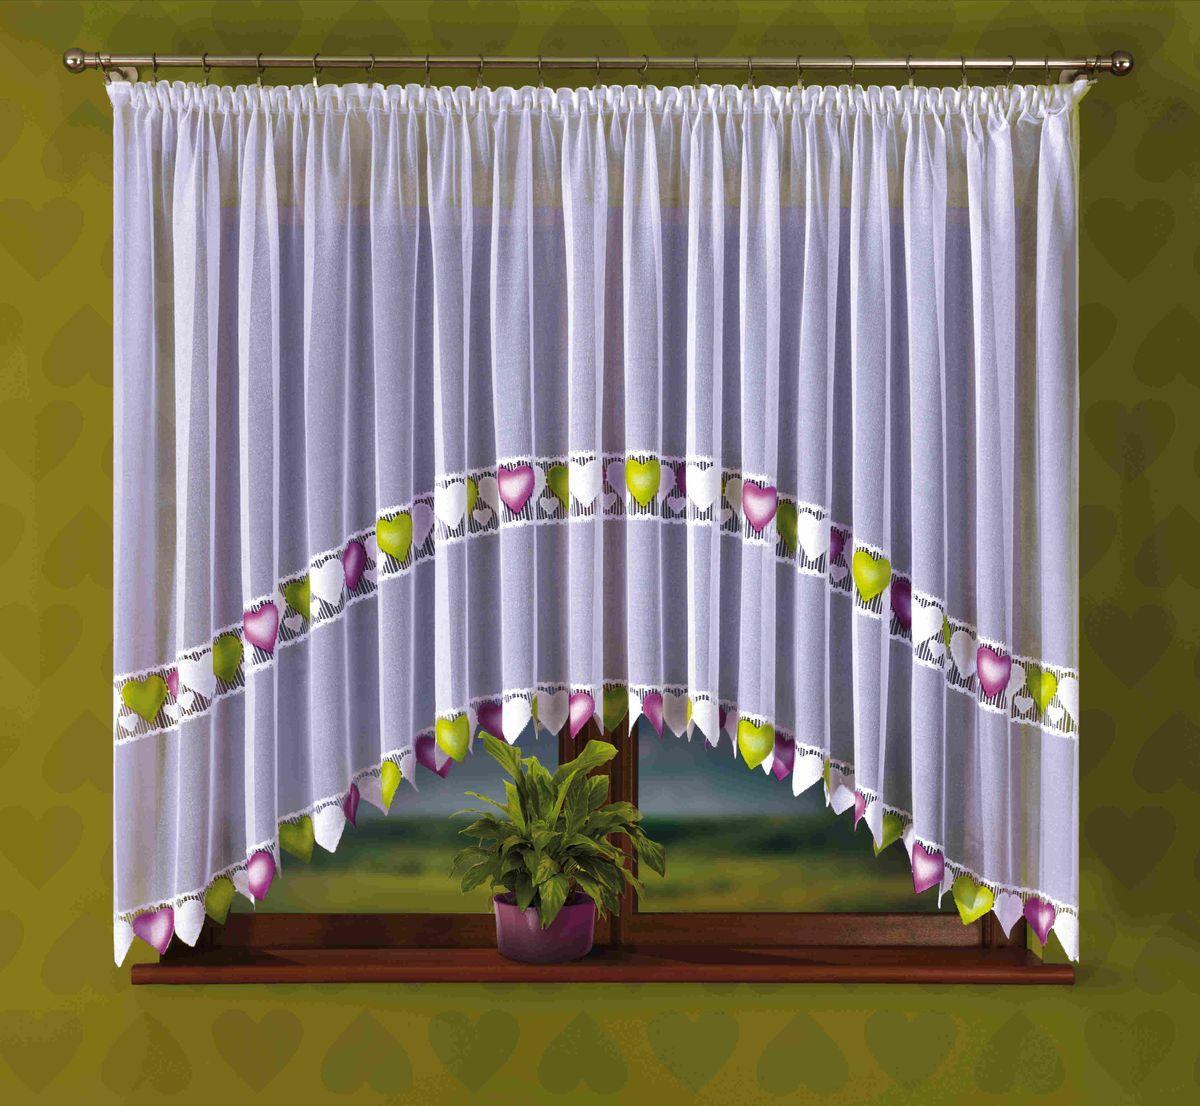 Гардина Wisan Serenada, на ленте, цвет: белый, высота 170 смЕ348Воздушная гардина Wisan Serenada, изготовленная из полиэстера, станет великолепным украшением любого окна. Изделие украшено ручной раскраской в виде сердец. Оригинальное оформление гардины внесет разнообразие и подарит заряд положительного настроения. Гардина оснащена шторной лентой для крепления на карниз.